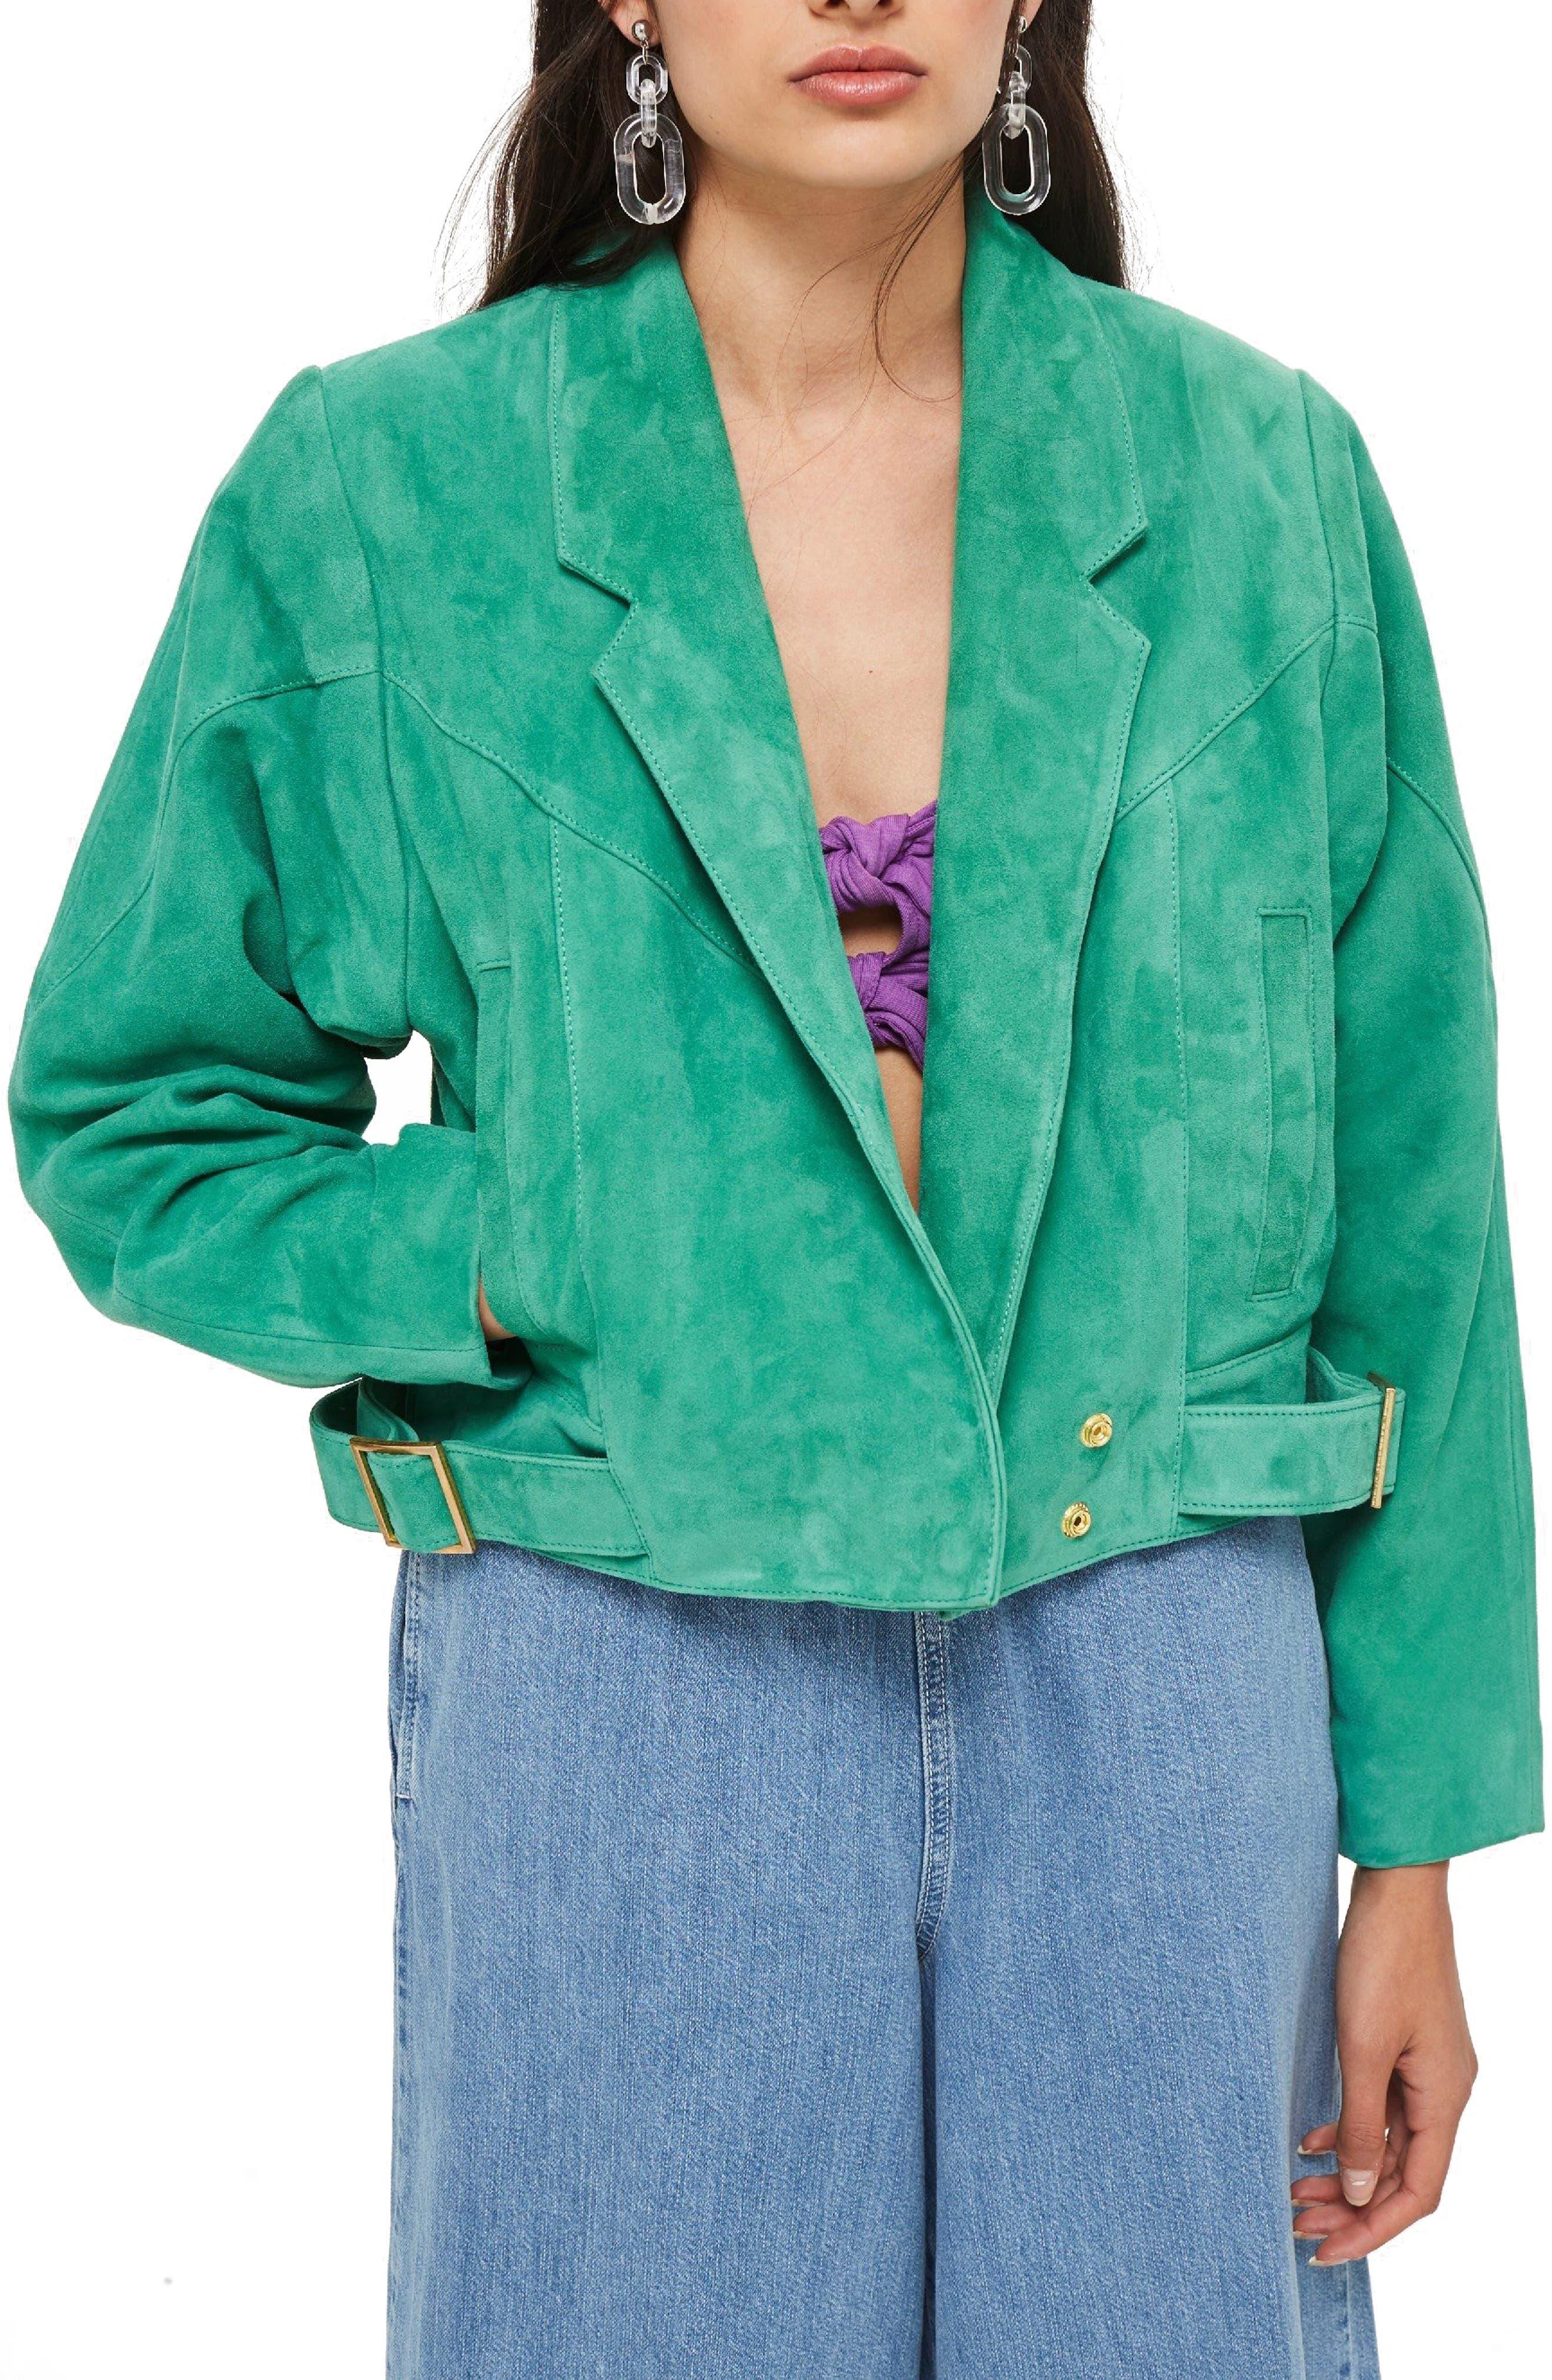 Hawkes Suede Jacket,                         Main,                         color,